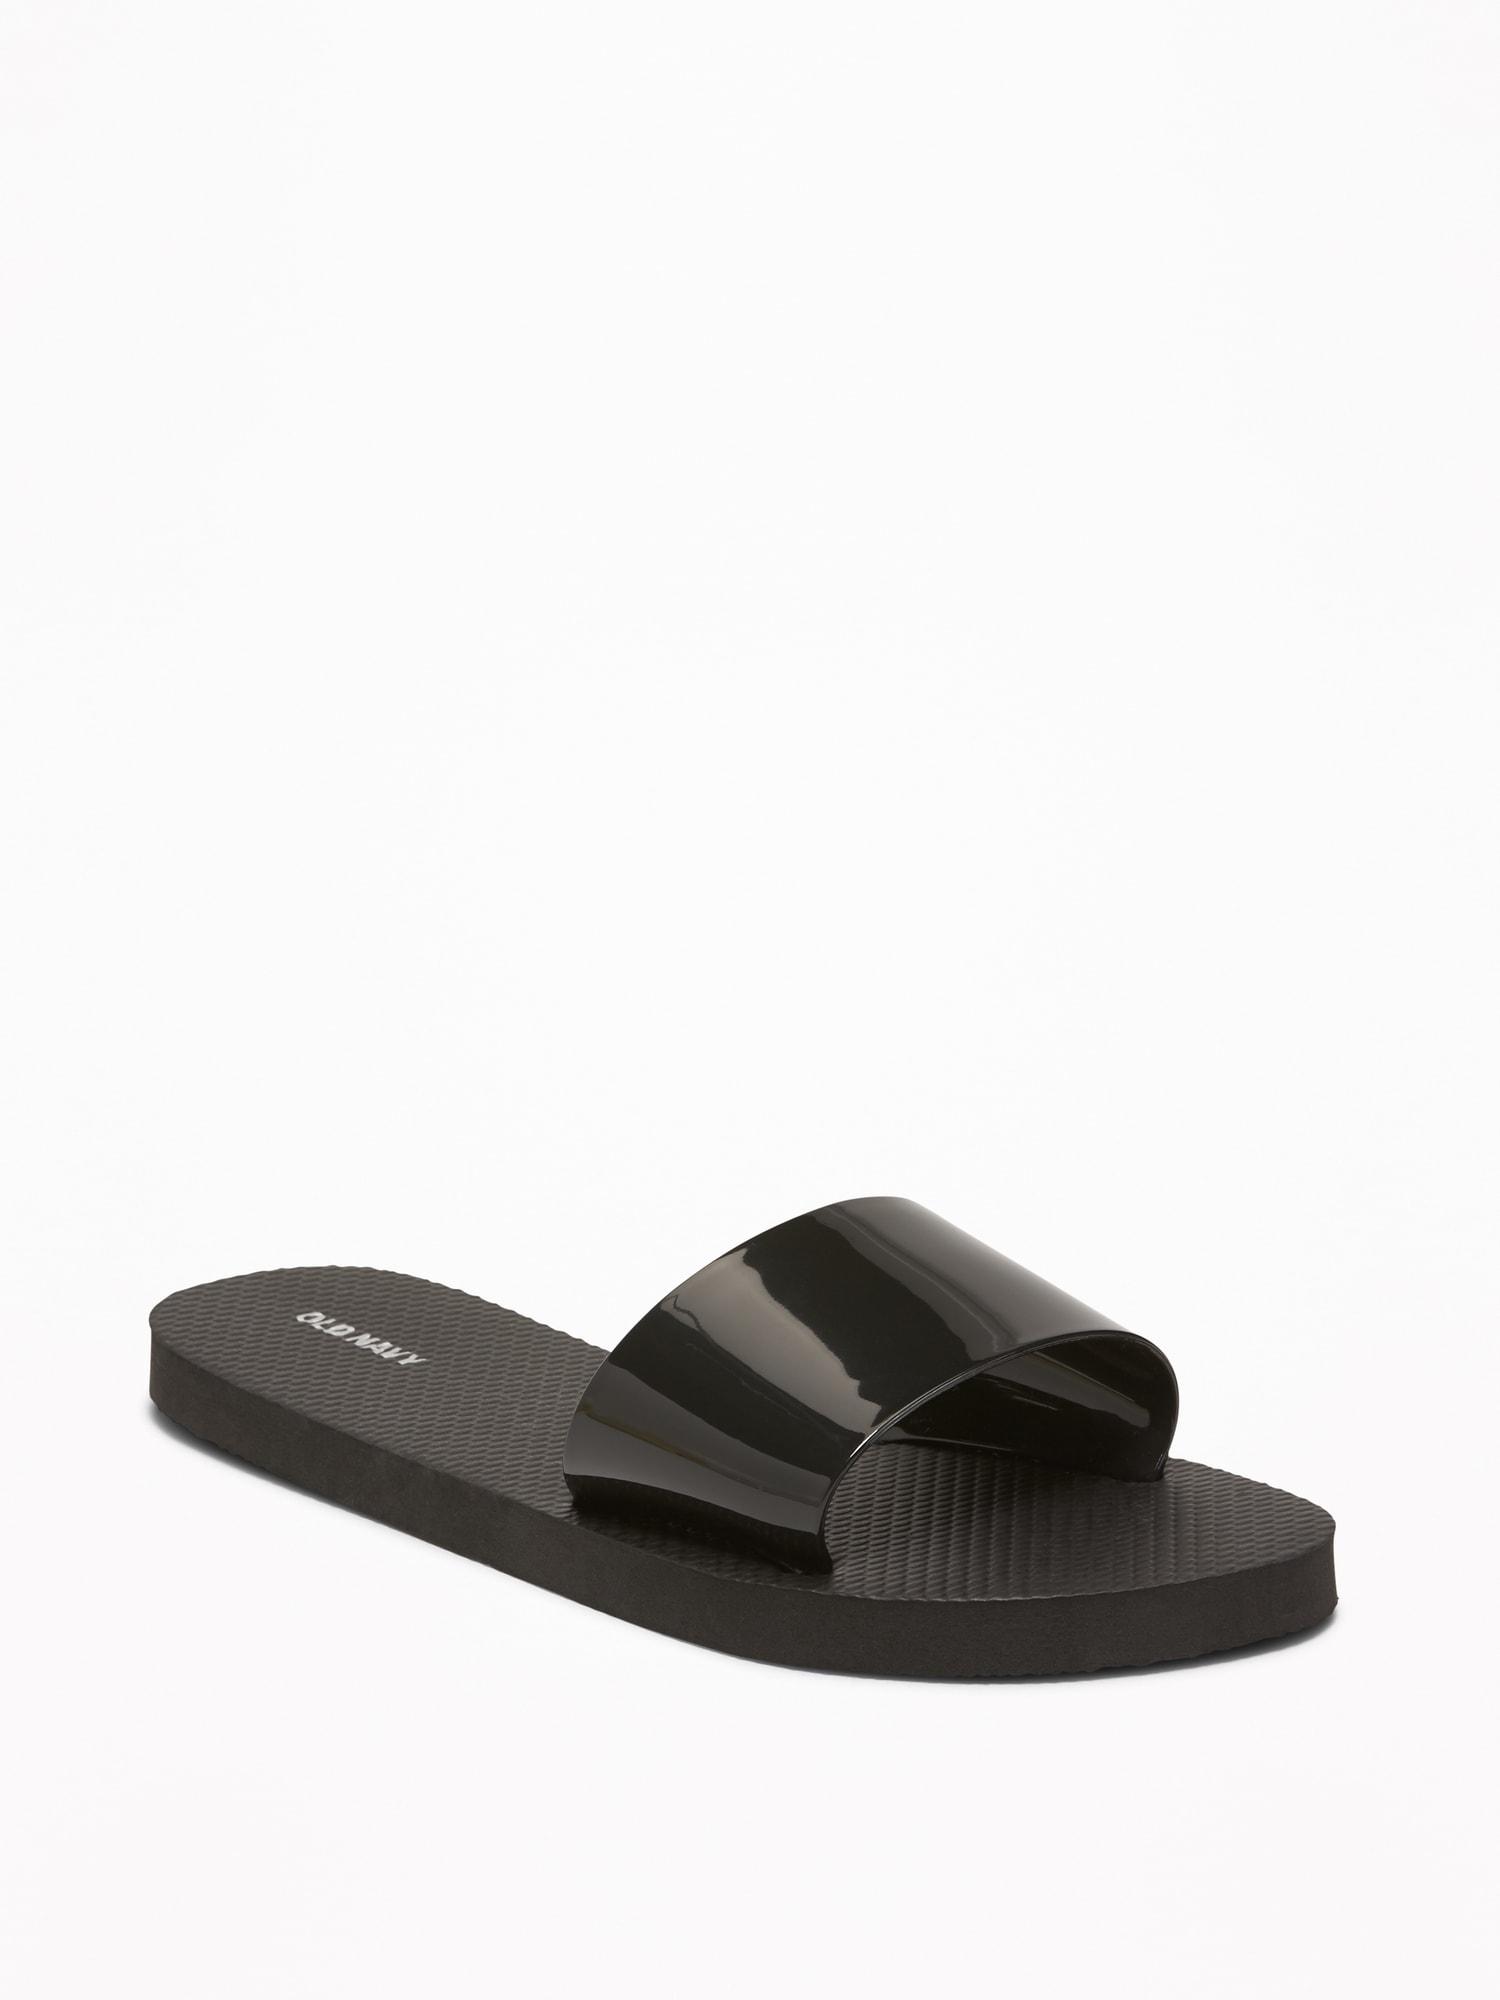 08e0bbc9f Jelly Slide Flip-Flops for Women